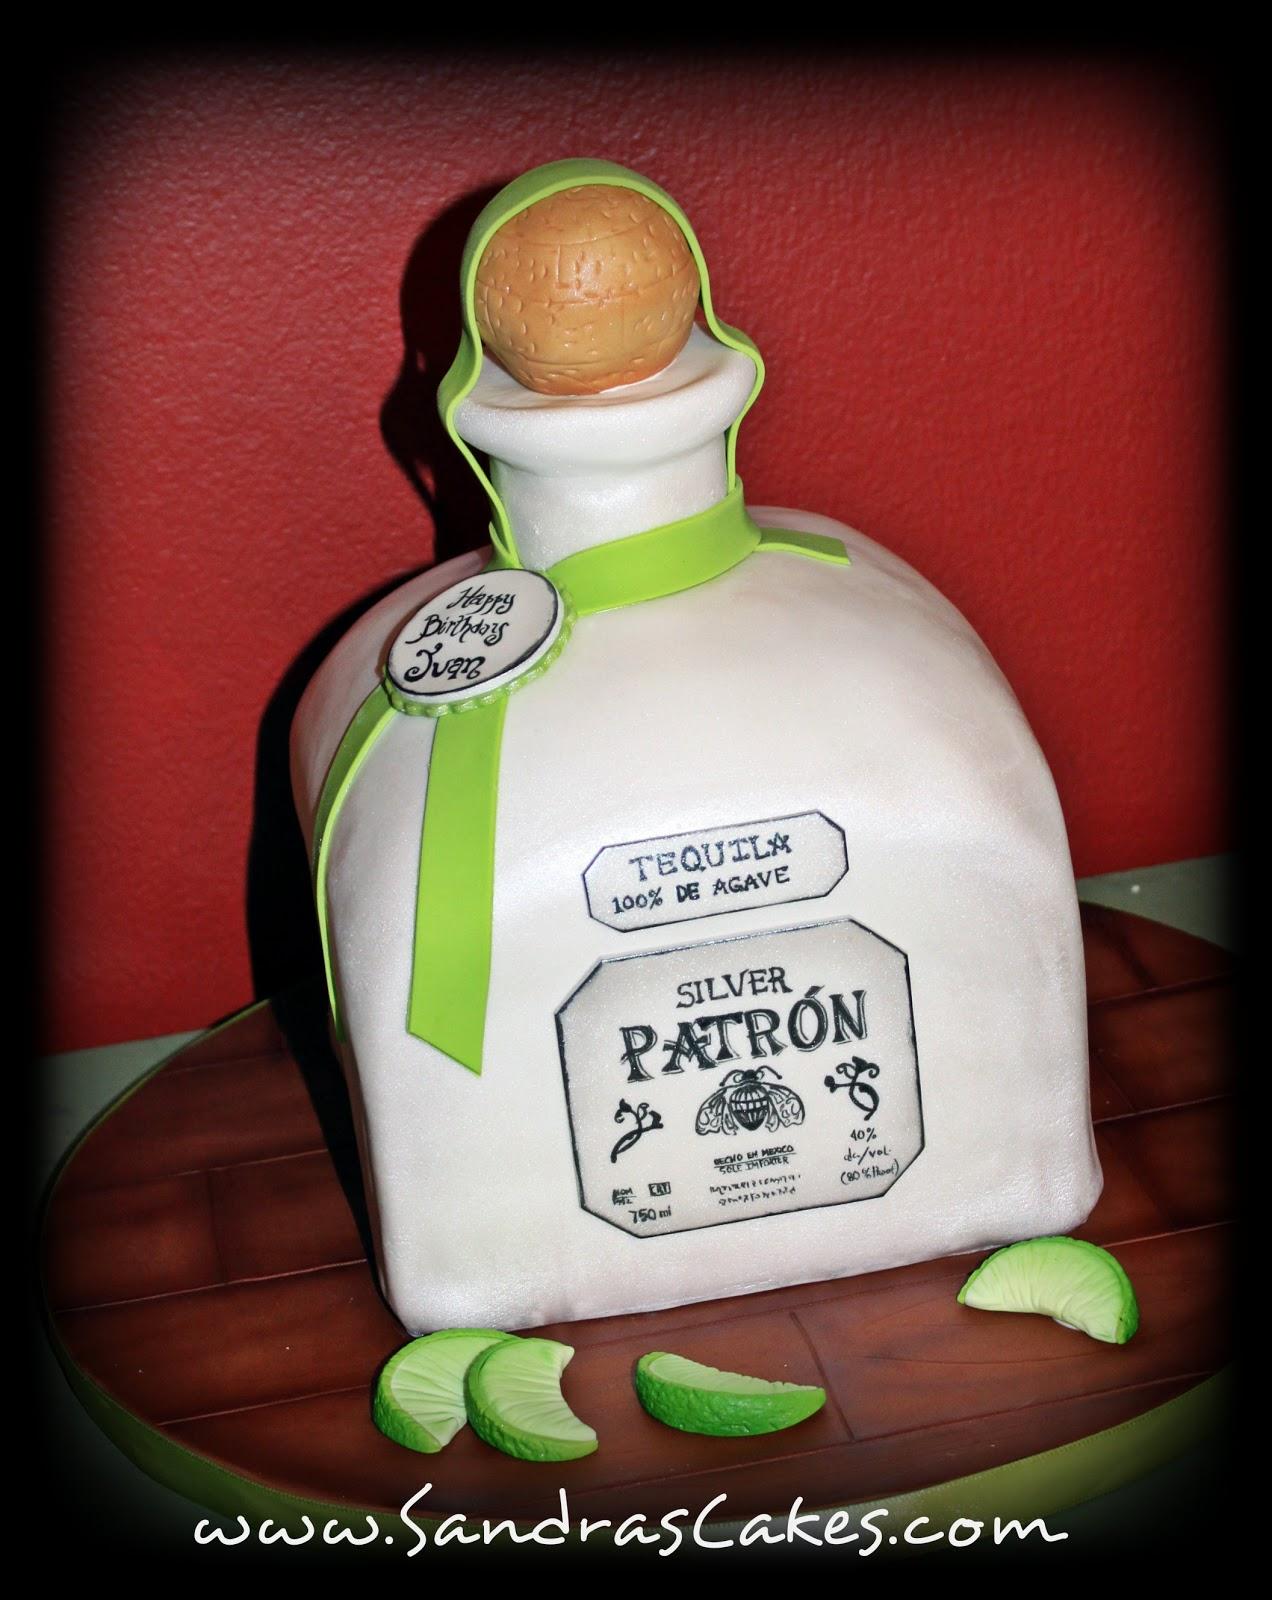 On Birthday Cakes Another Patron Bottle Cake - Patron birthday cake